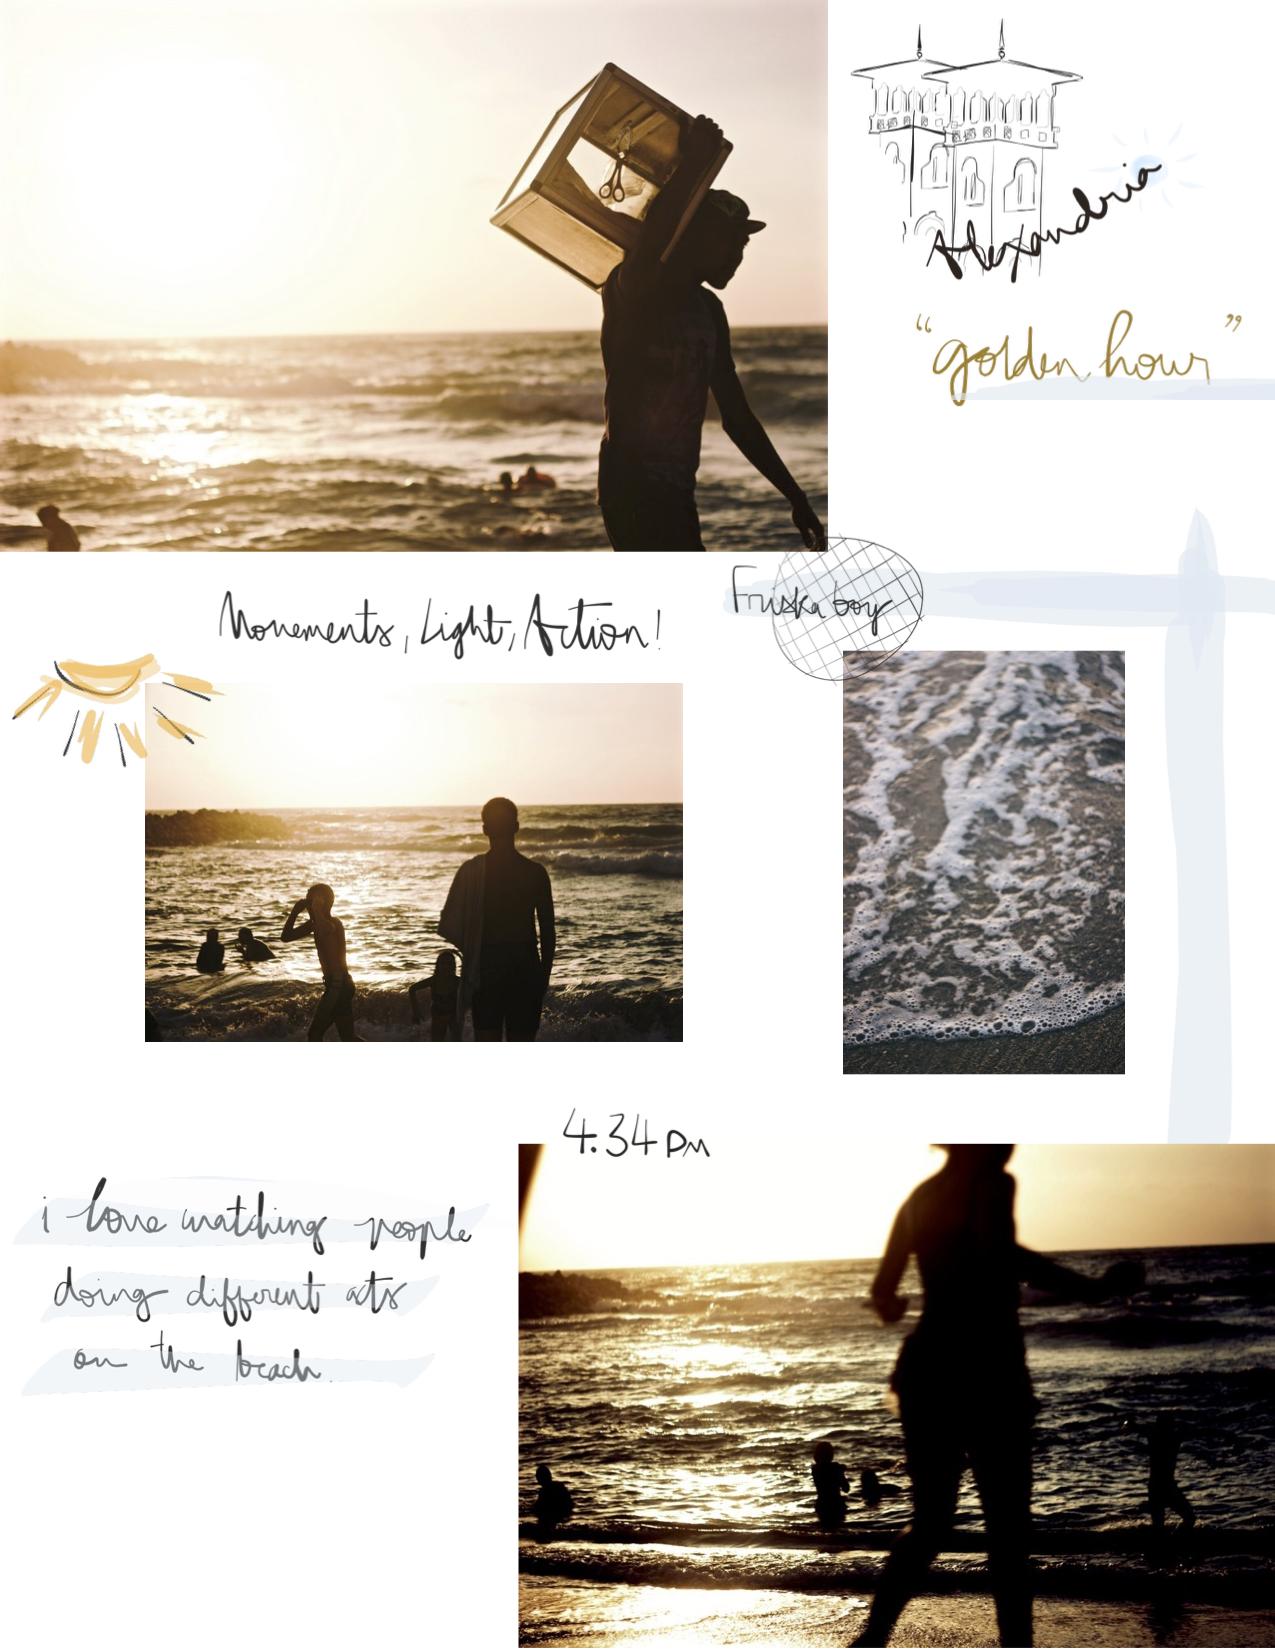 golden-hour-alexandria-fashion-paradoxes